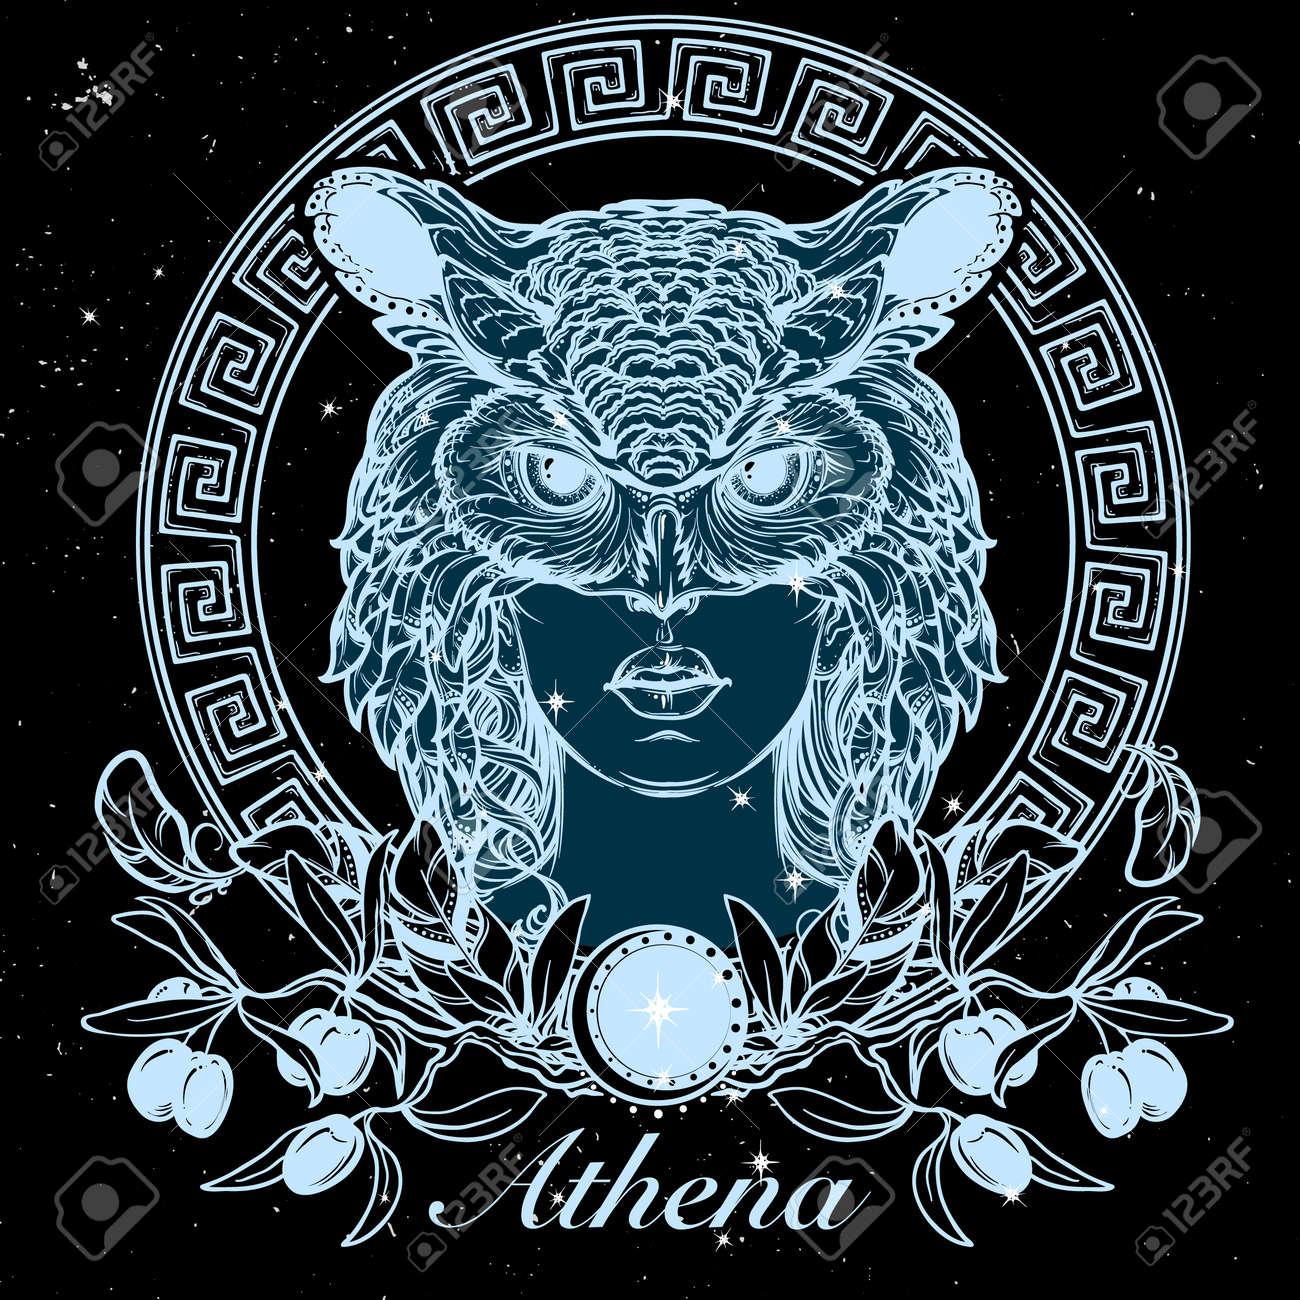 Athena Deesse De Mythes Antiques Grecs Belle Femme Dans Un Masque